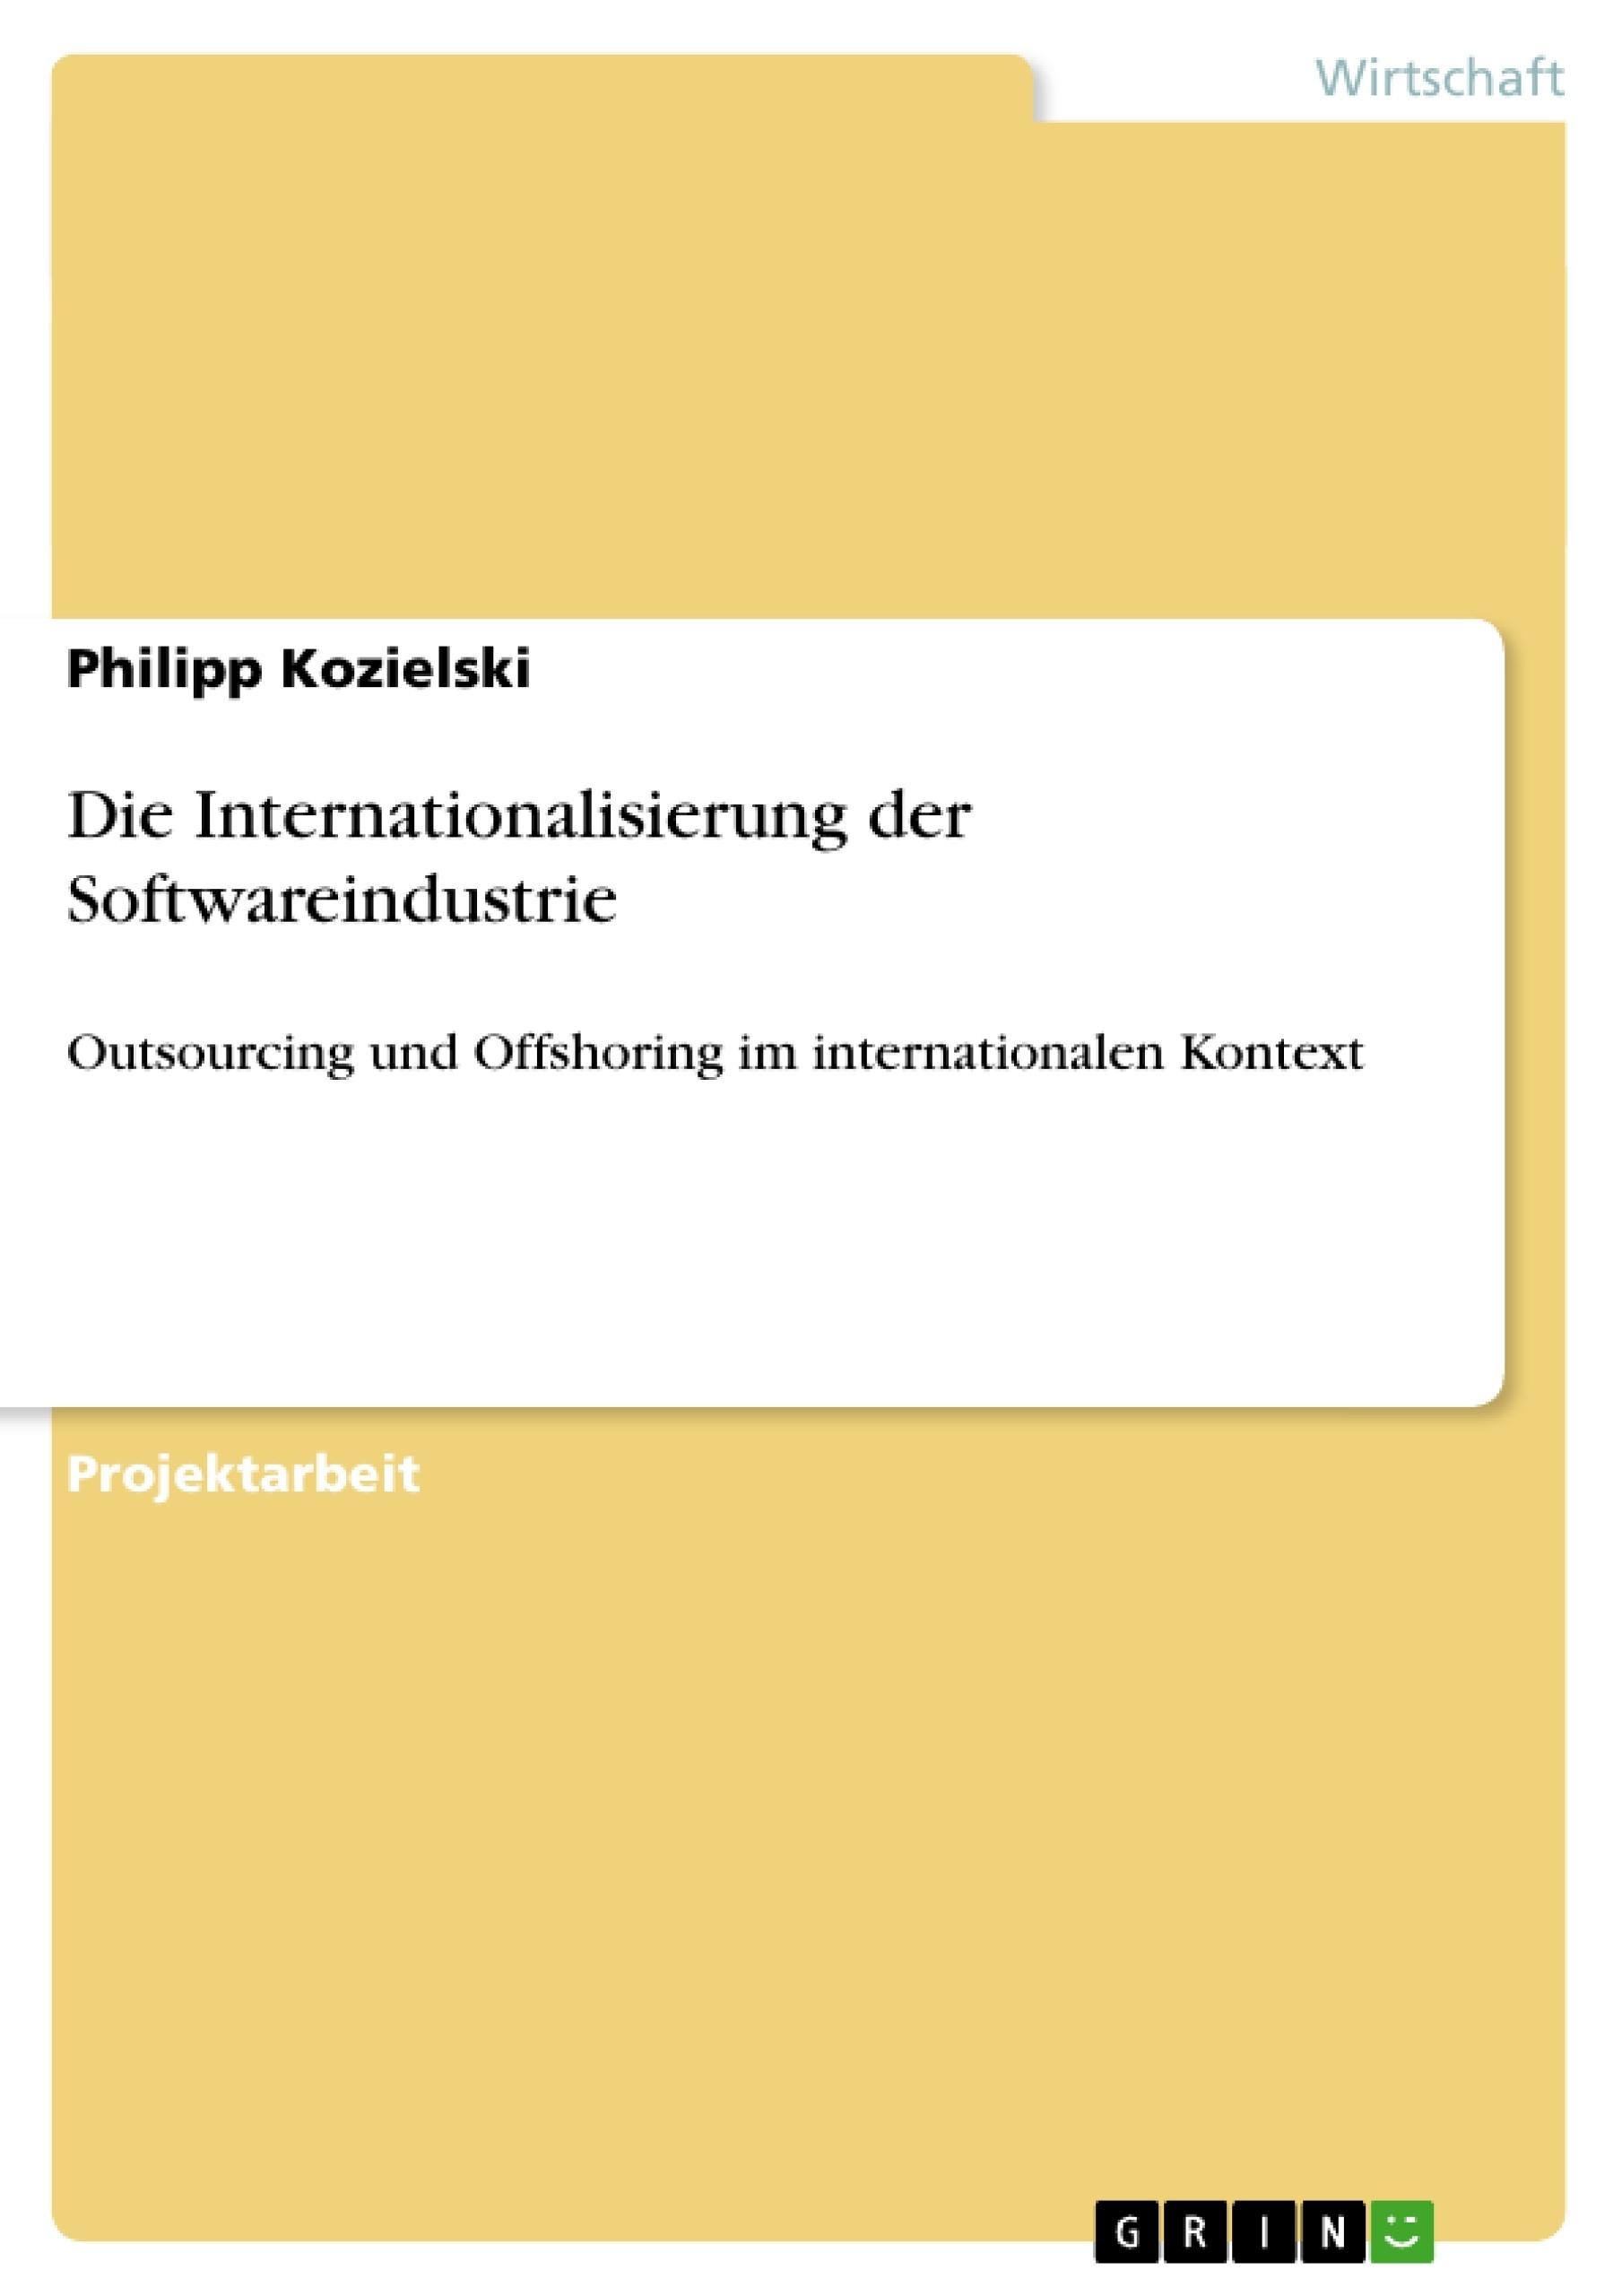 Titel: Die Internationalisierung der Softwareindustrie